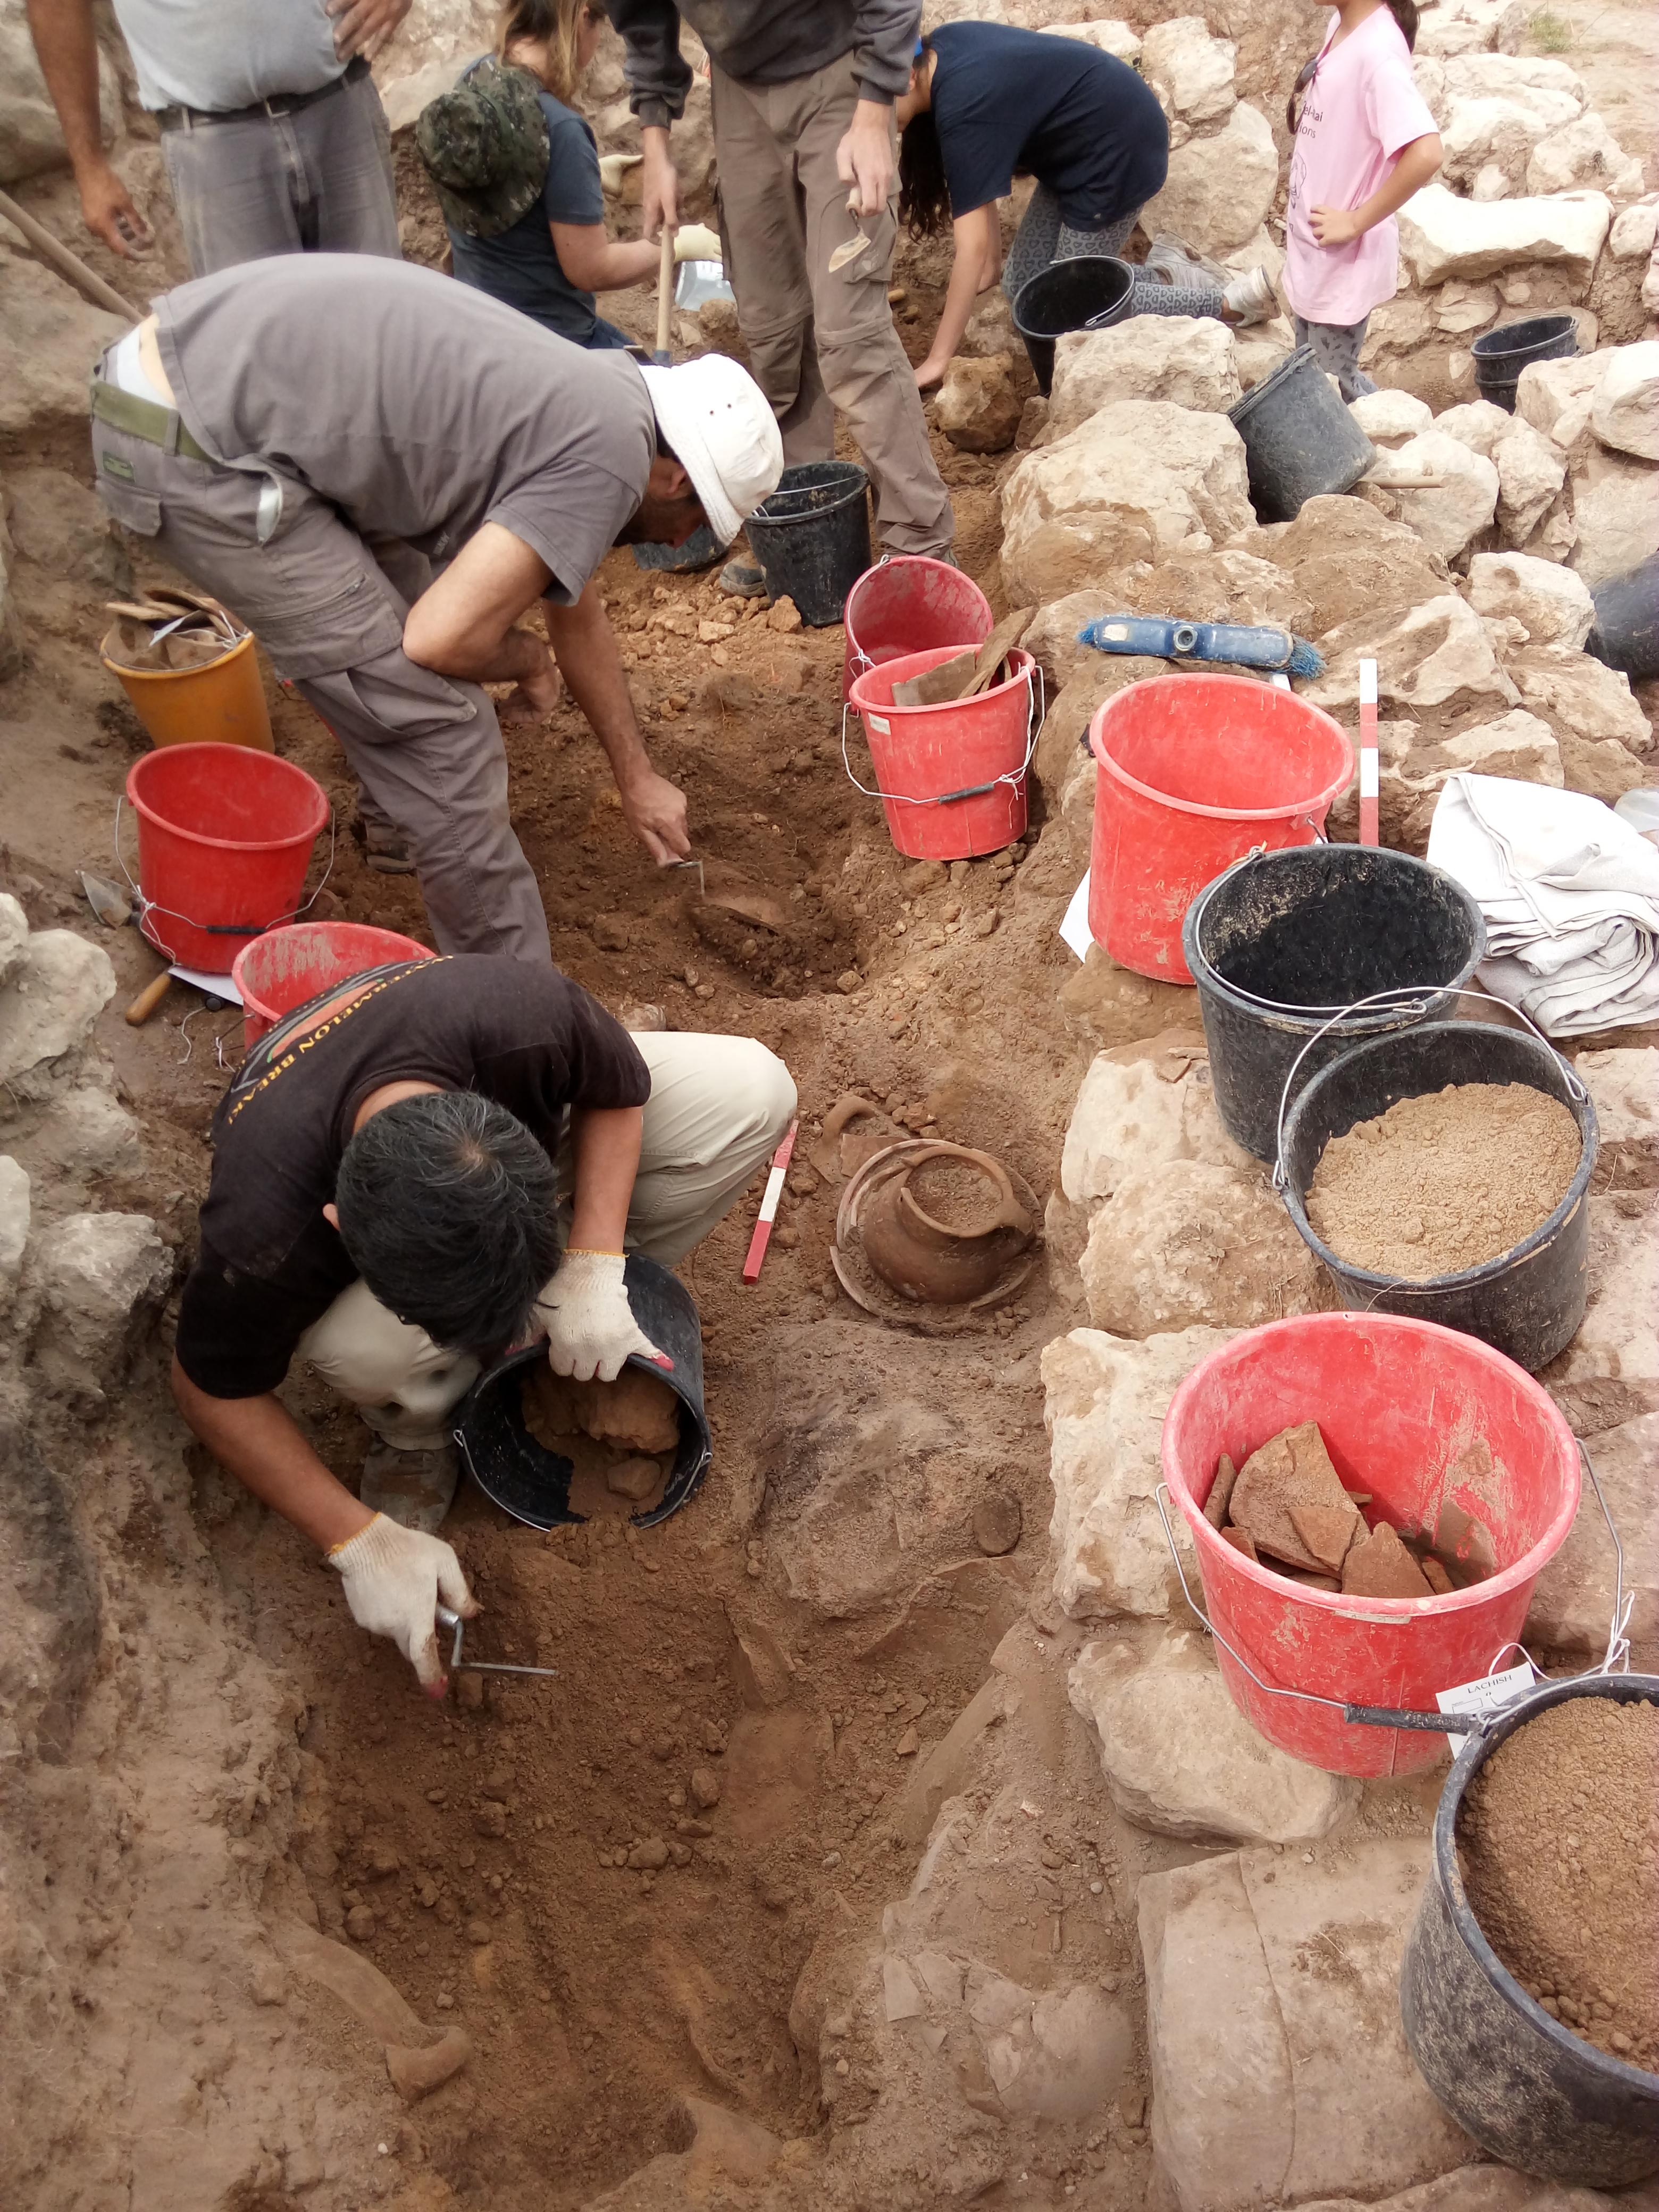 חפירות באתר הקדום צקלג צילום-משלחת החפירות לחורבת אל-ראעי